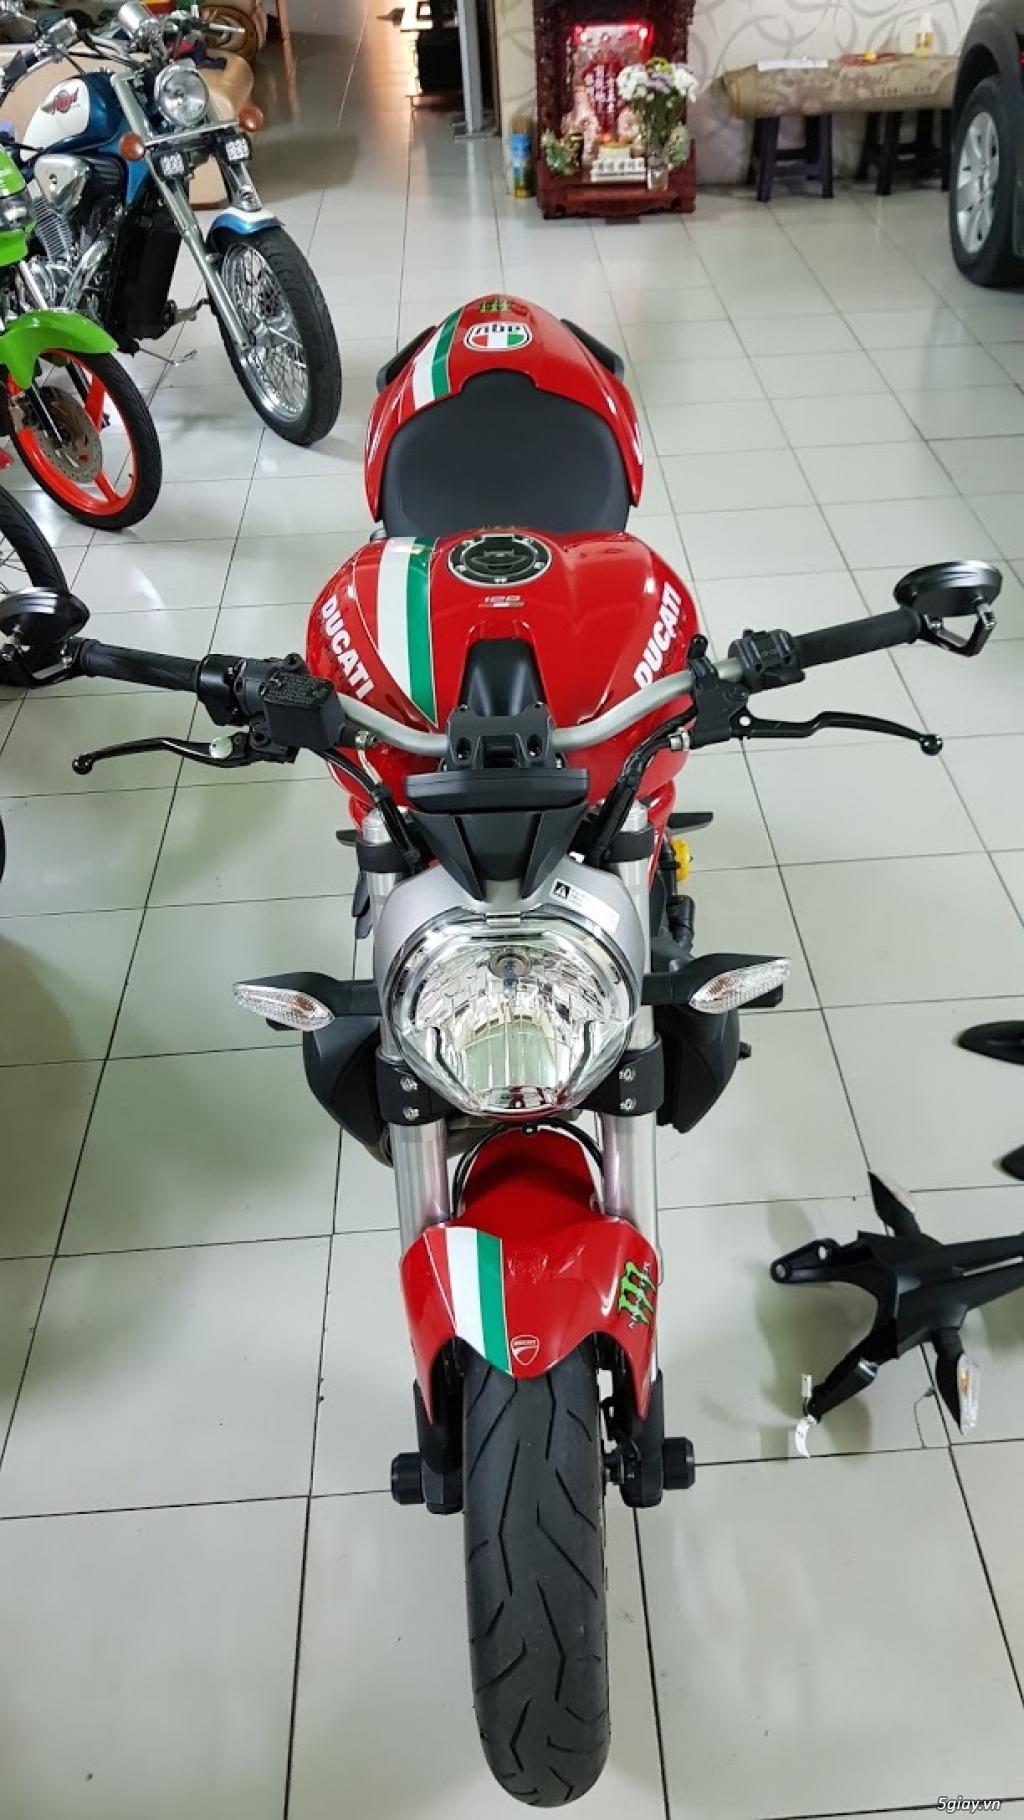 Ban Ducati Monster 821 ABS thang 52017 chinh hang Saigon so VIP - 15